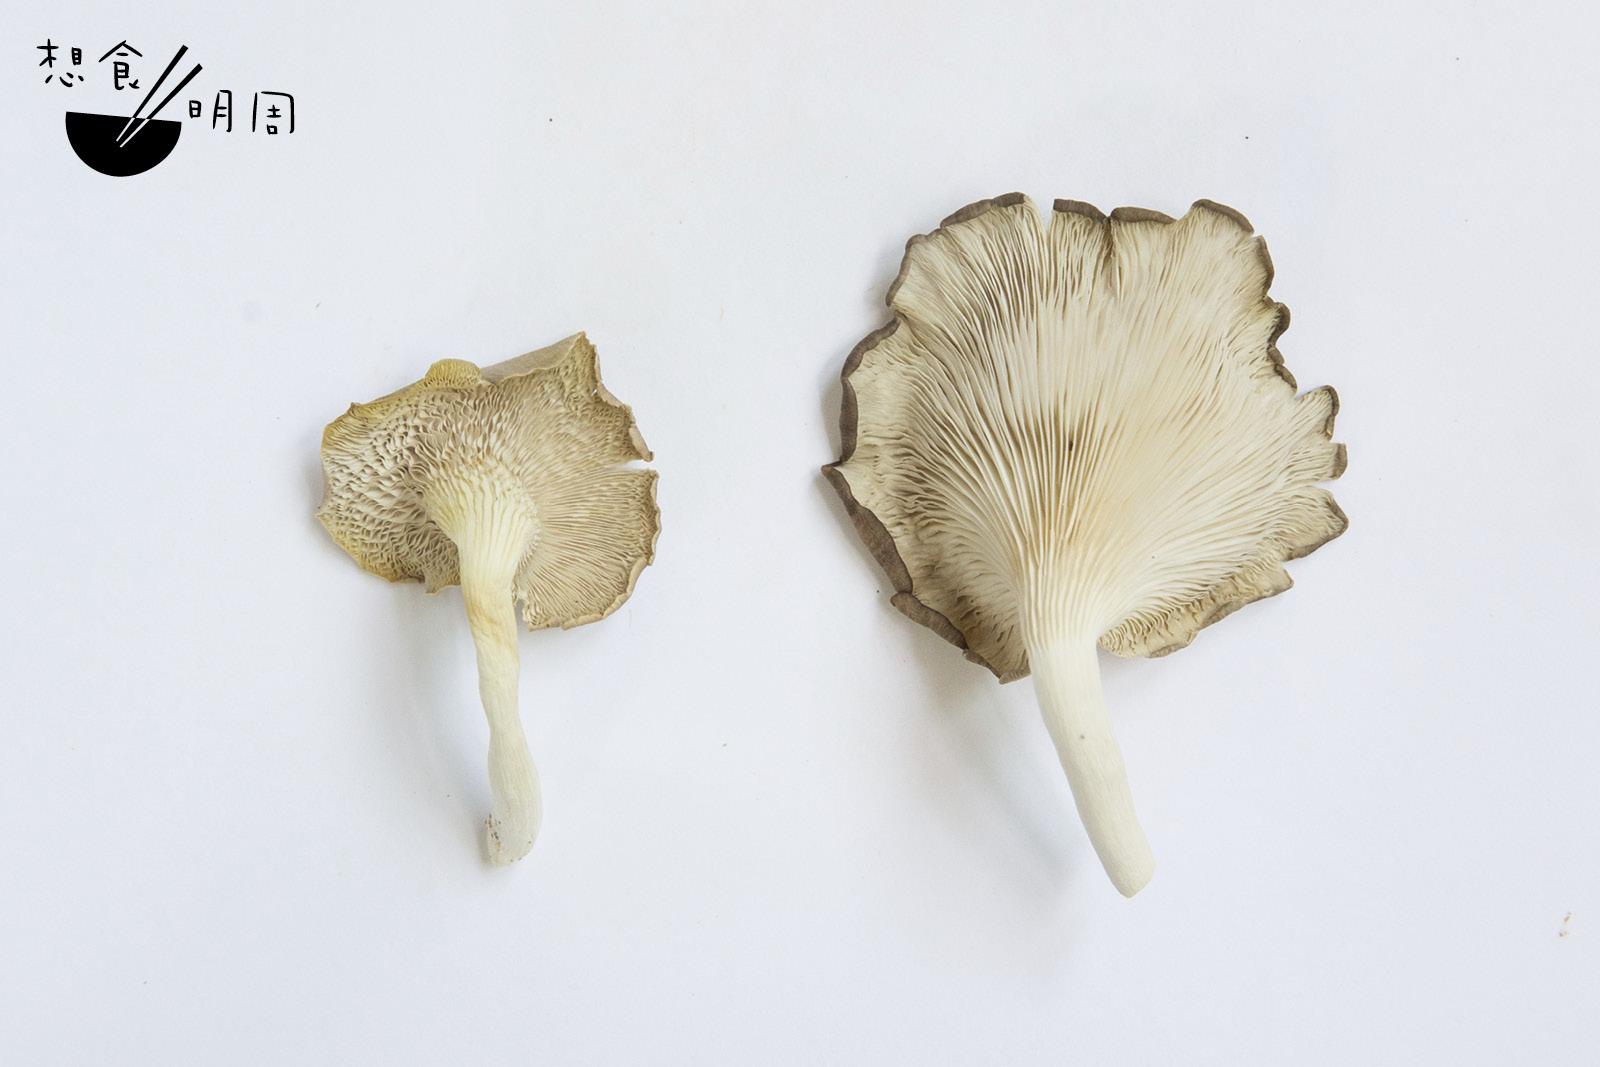 Russell提醒,大家在選購菇類時要多觀察菇菌的鰓位,即是菇的背後、釋放孢子的菇褶位置。一些不新鮮的菇會偏淋易散,而且菇褶會變黃,那就不要選購了!